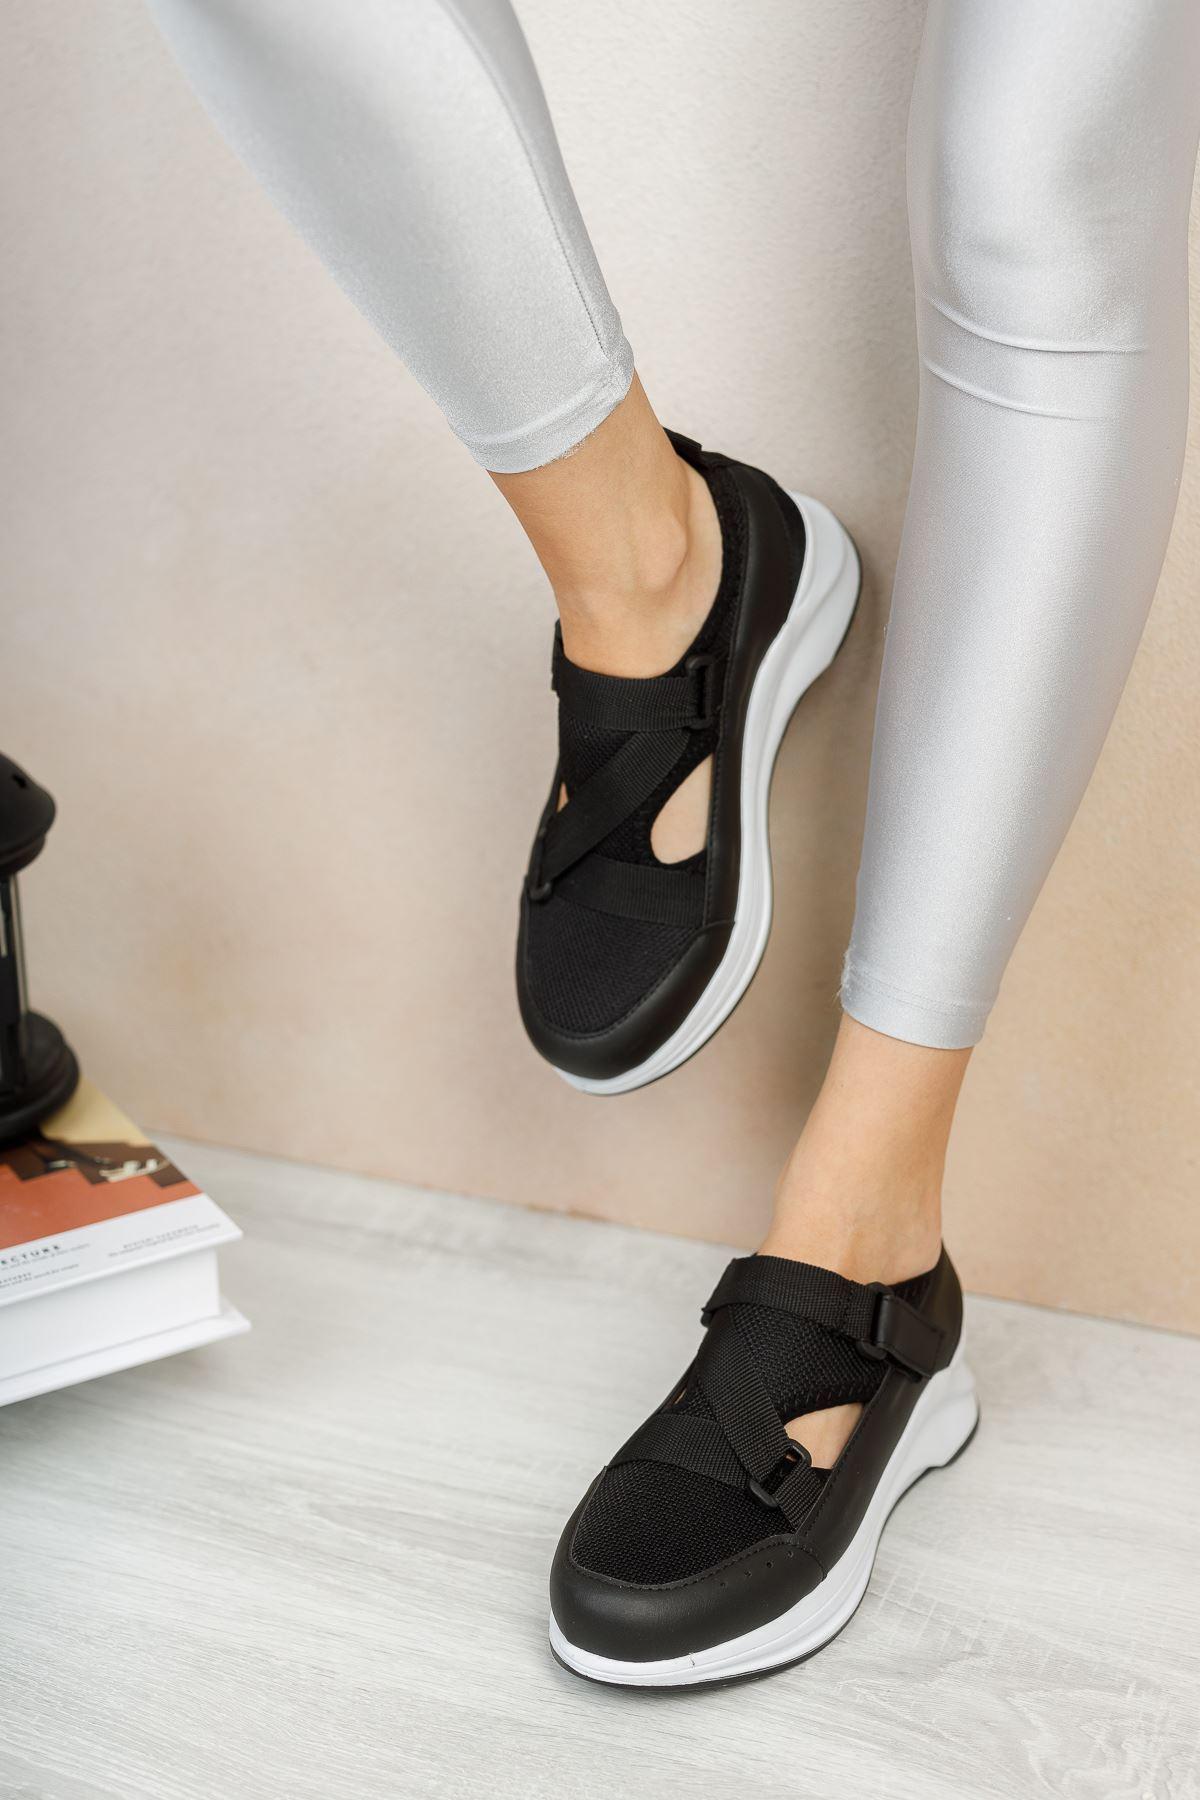 Tesra Siyah Lastikli Kadın Spor Ayakkabı